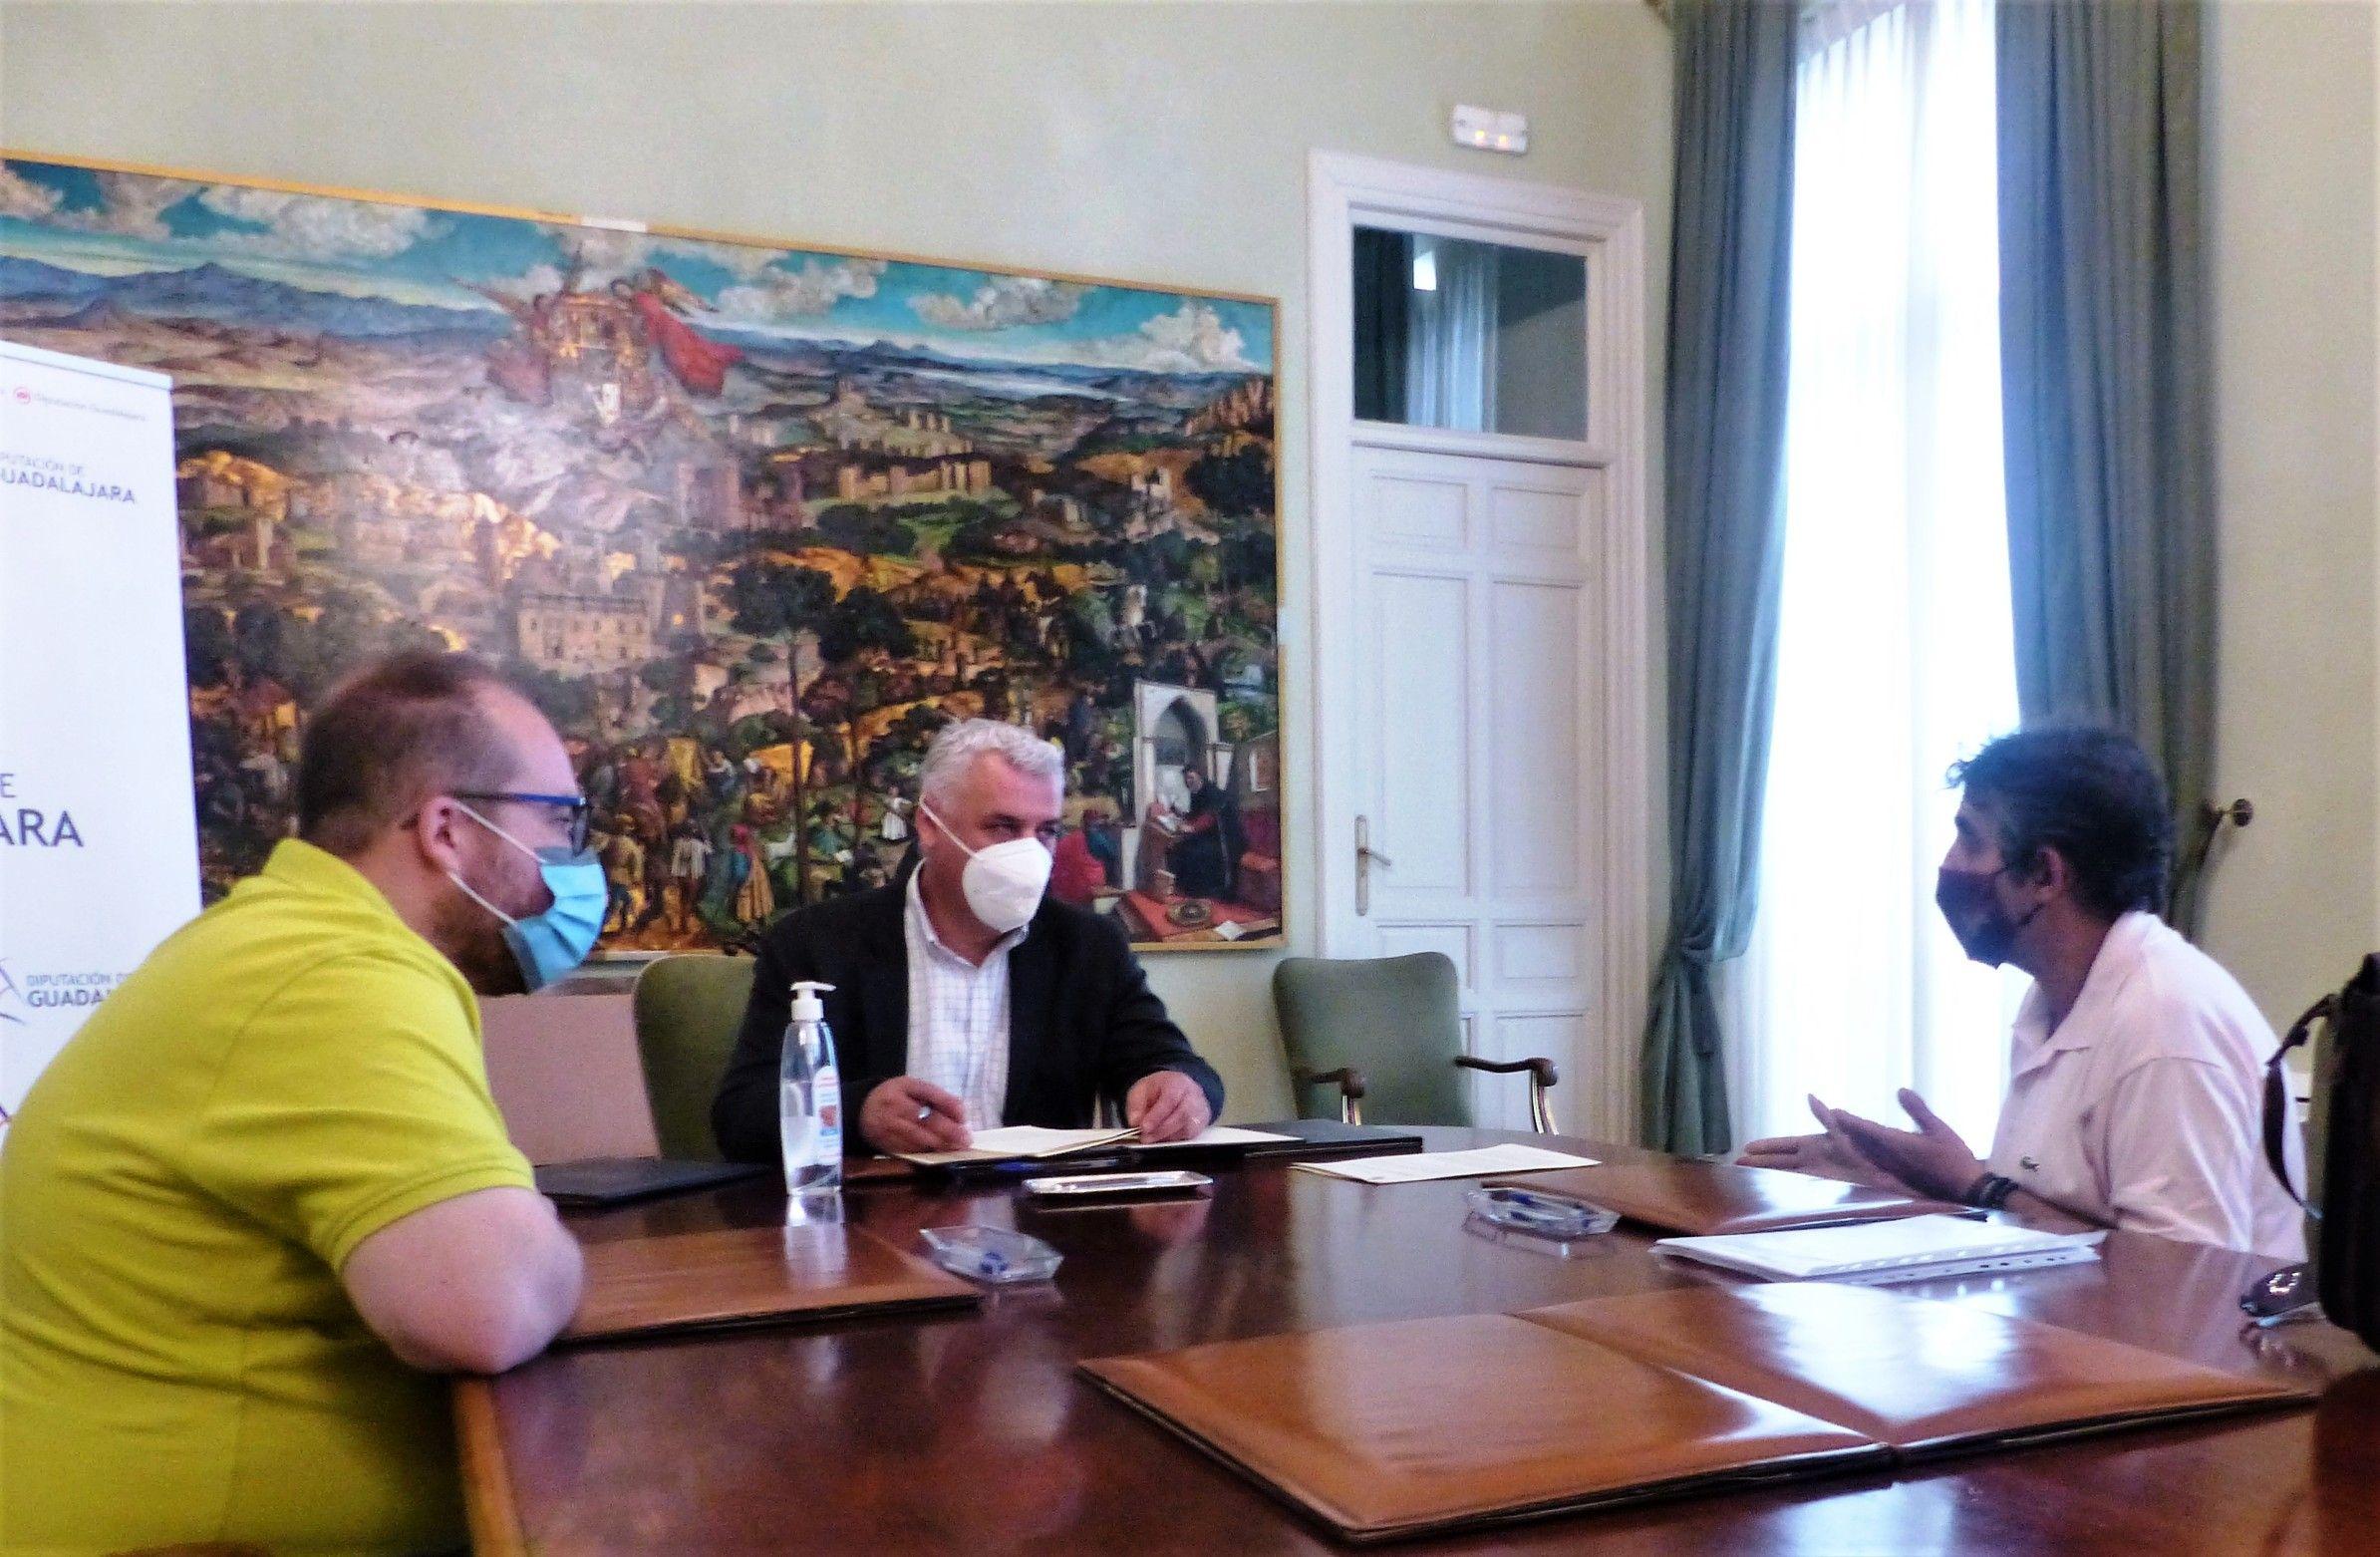 La Diputación apoya a los artesanos de Guadalajara para organizar ferias cuando el COVID lo permita